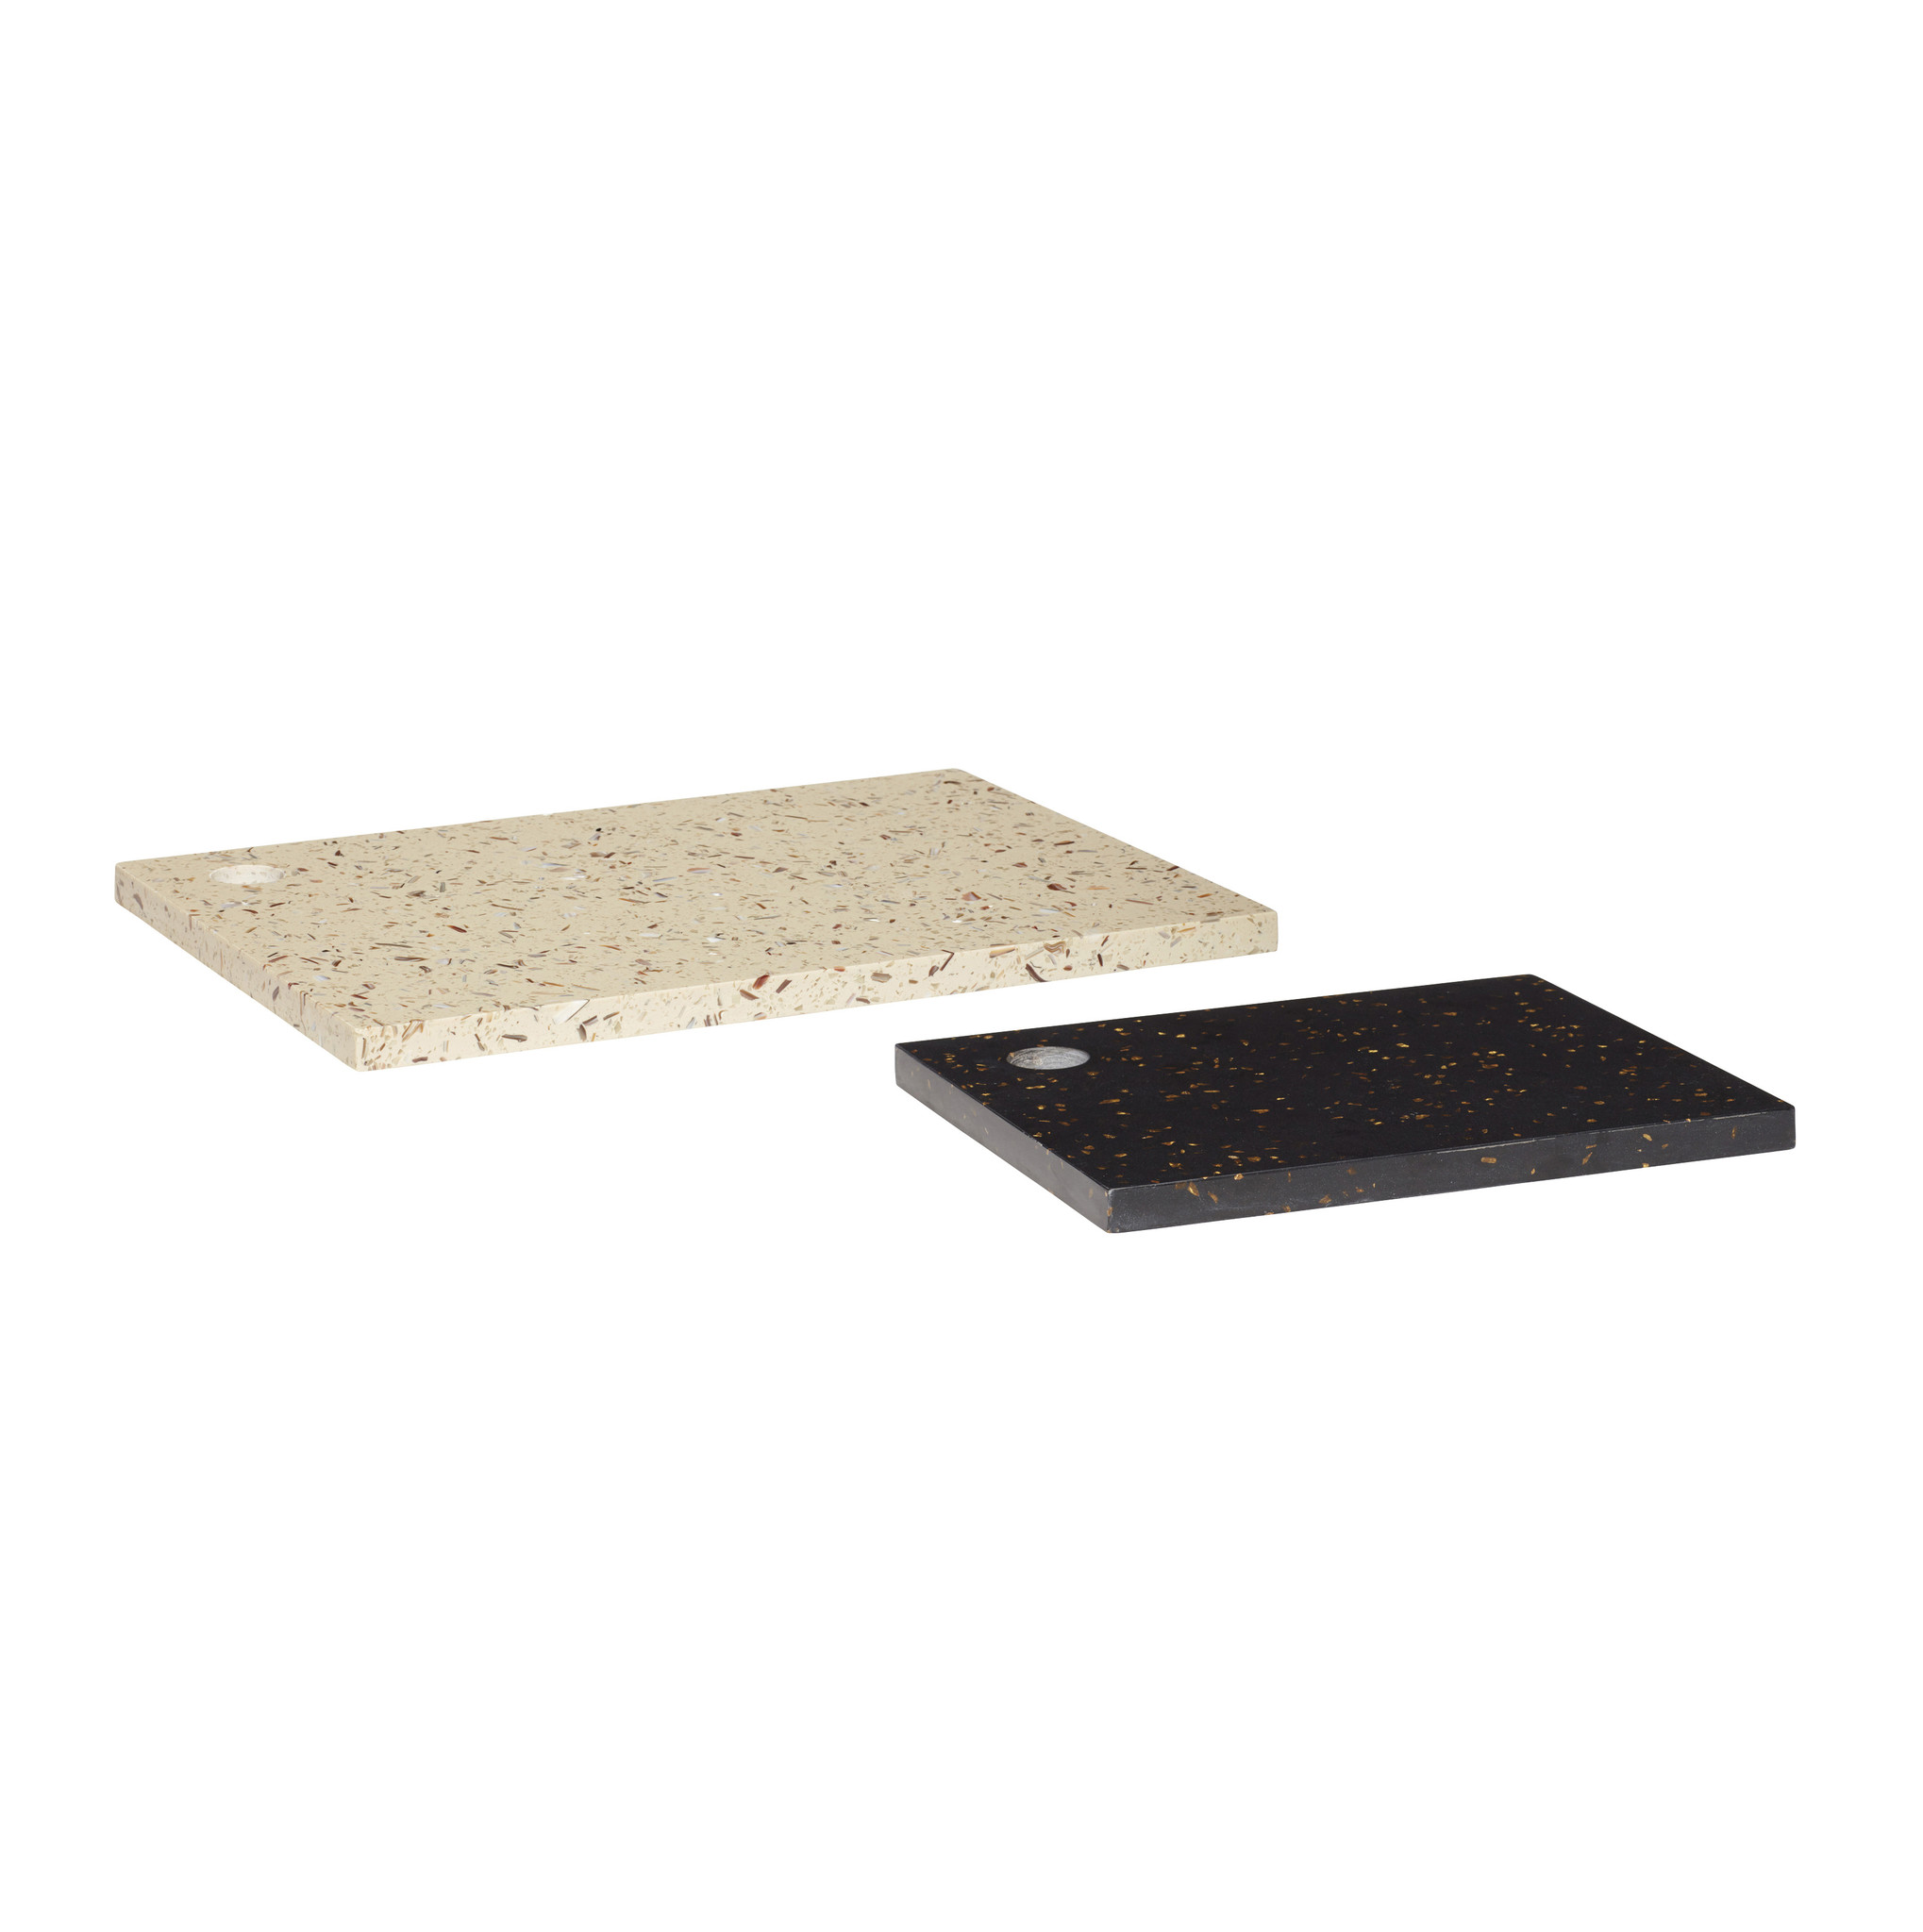 Hubsch Bord, terrazzo wit / zwart, set van 2-990919-5712772071243